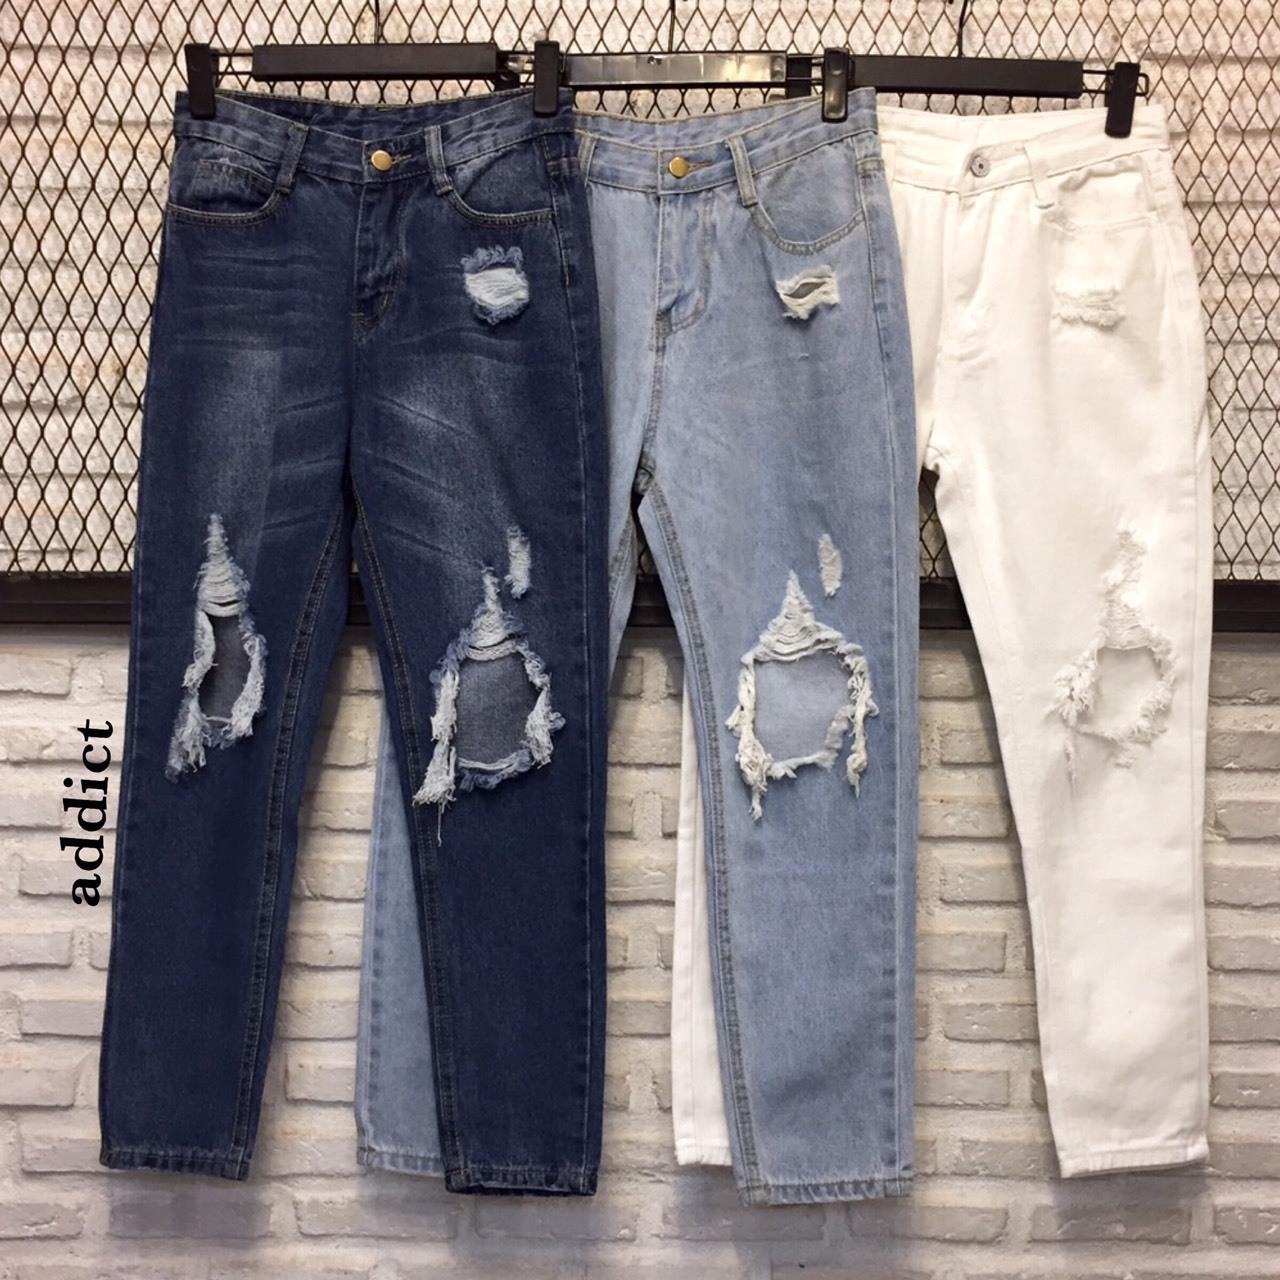 เสื้อผ้าแฟชั่นพร้อมส่ง กางเกงยีนส์ขายาว เอวสูง ทรงboy ขาดช่วงเข่า